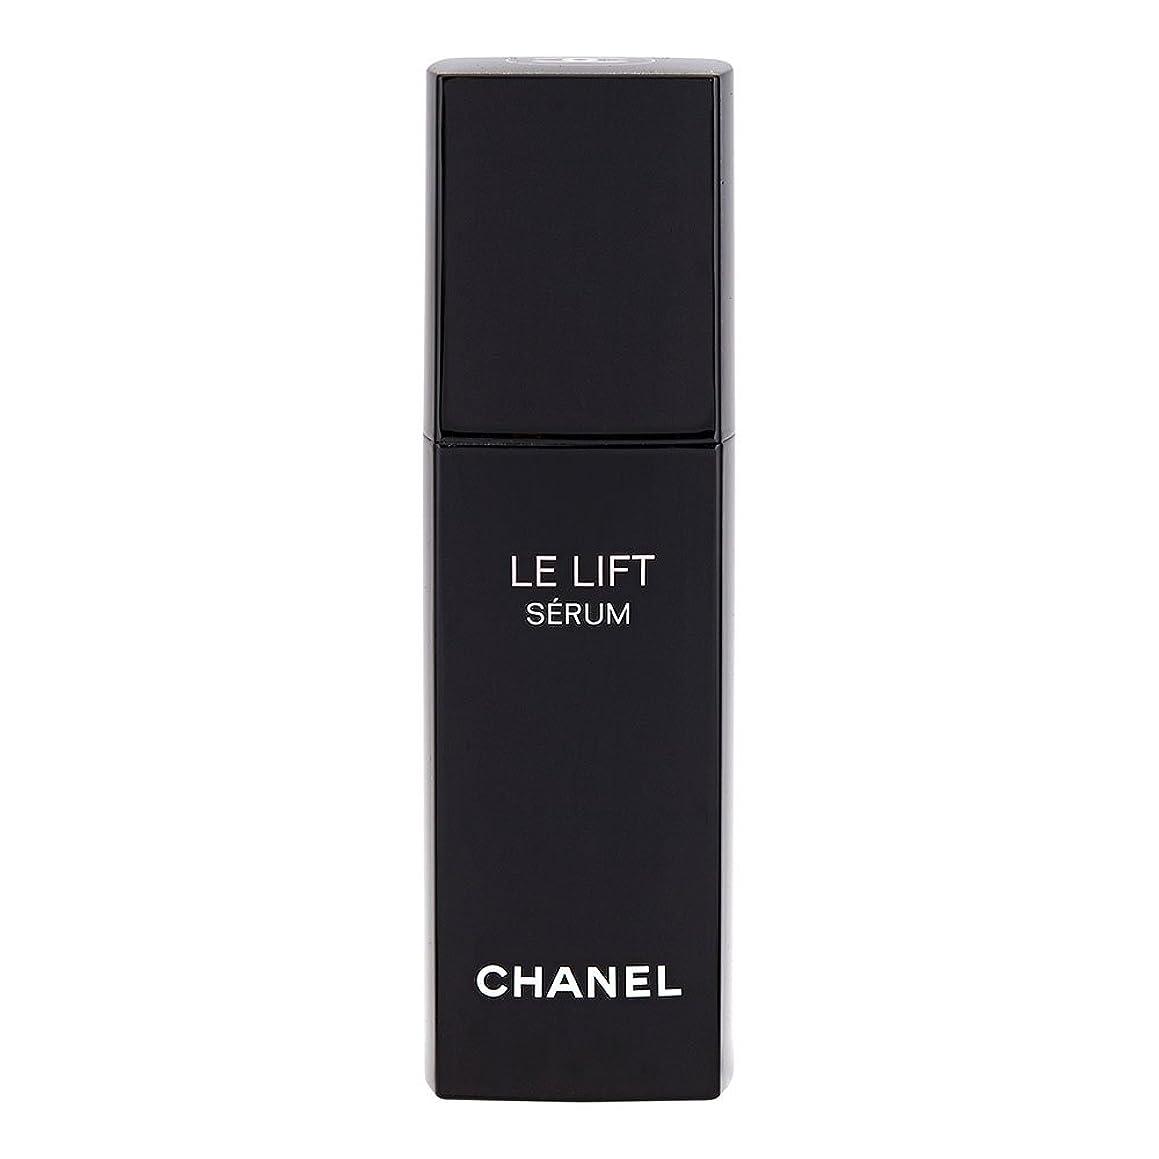 空虚オーガニック取り替えるシャネル(CHANEL) LE L セラム 50ml (美容液)[並行輸入品]